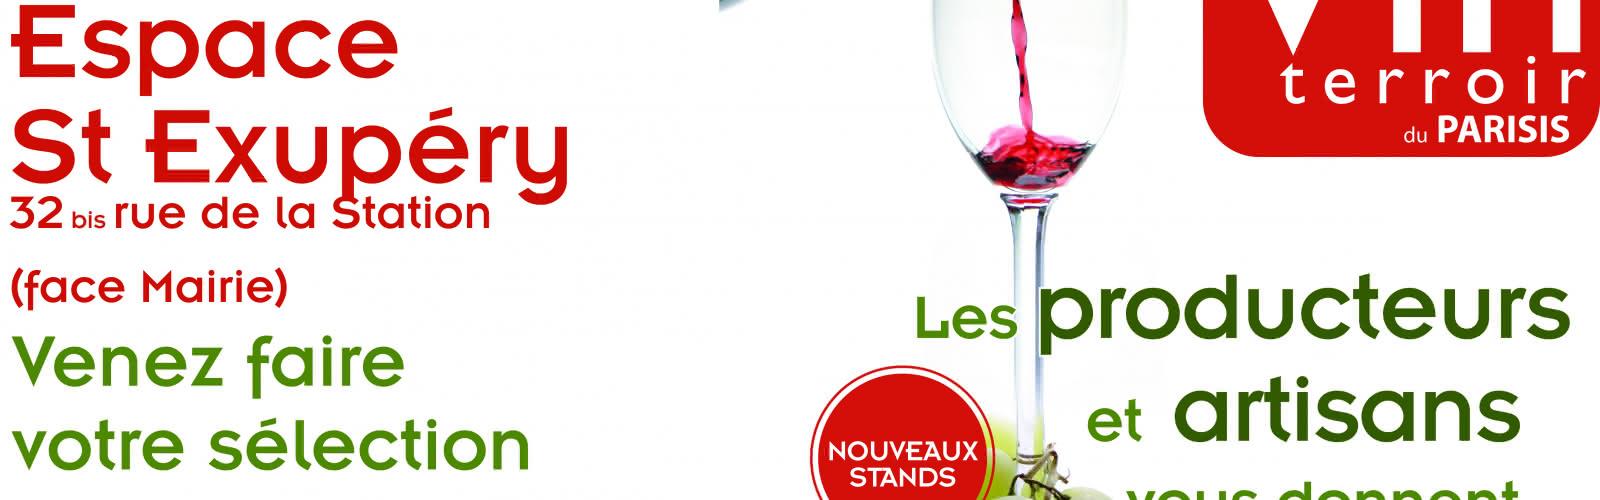 Salon du Vin et du Terroir du Parisis